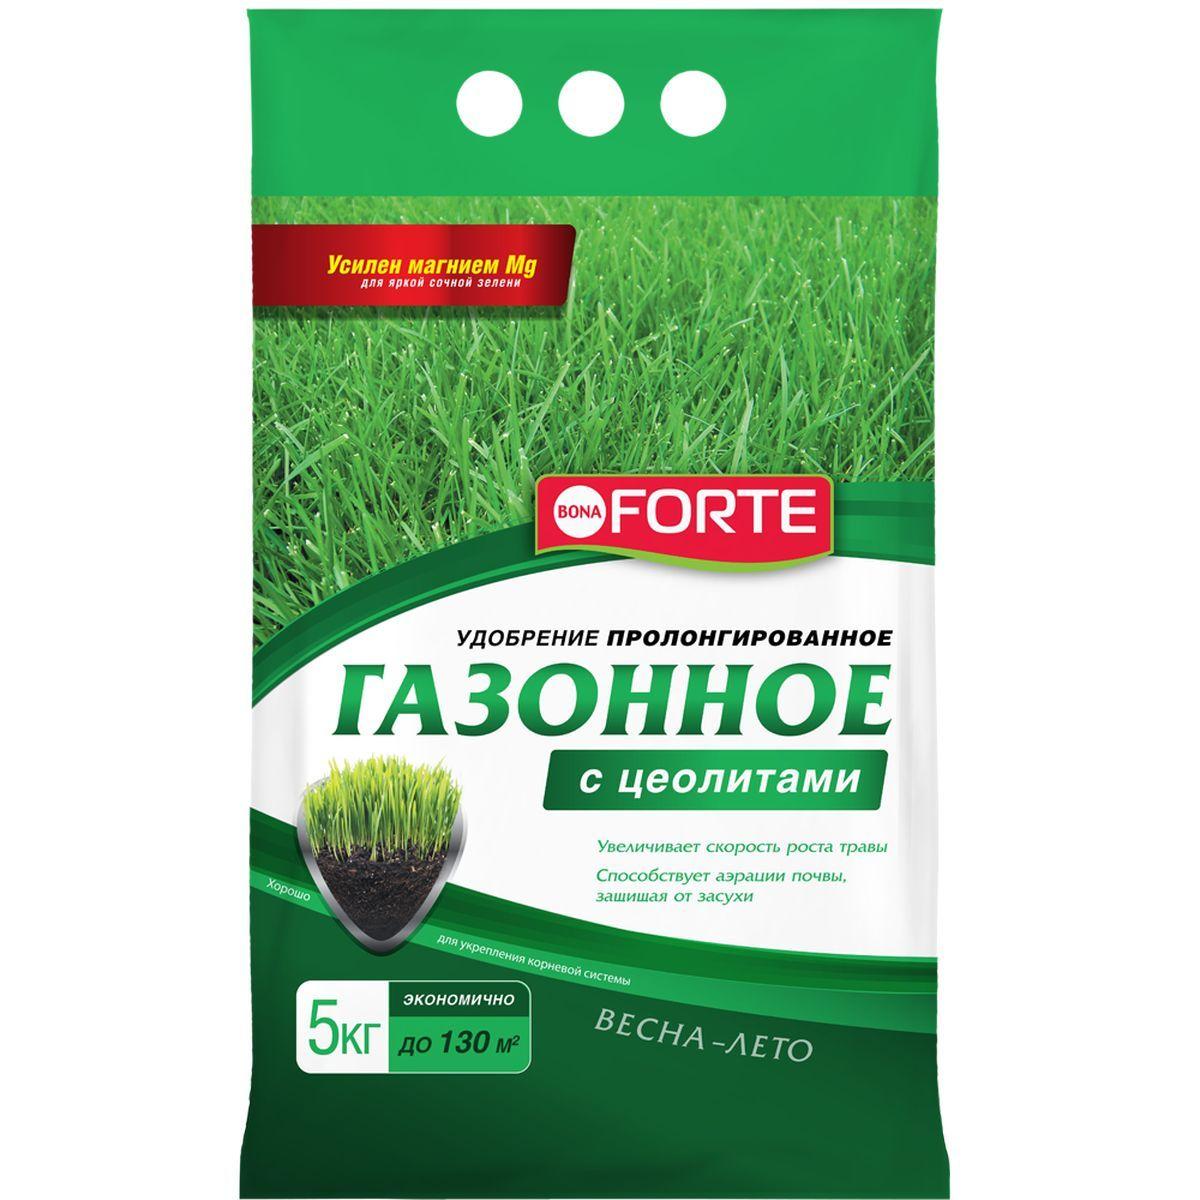 Удобрение Bona Forte, газонное, с цеолитом, 5 кг60993Для всех видов газонных трав. Восстанавливает траву после скашивания, увеличивает скорость роста травы, укрепляет и уплотняет травяной покров, придает сочный и яркий зеленый цвет газону, способствует укрепления корневой системы.Удобрения дополнительно обогащены ЦЕОЛИТОМ, который имеет уникальные полезные качества:- удерживает влагу и питательные вещества в корнеобитаемой зоне растений;- снижает стрессы растений при посадке и пересадке;- обеспечивает оптимальный воздушный режим даже при максимальном насыщении грунта водой;- делает удобрения пролонгированными.